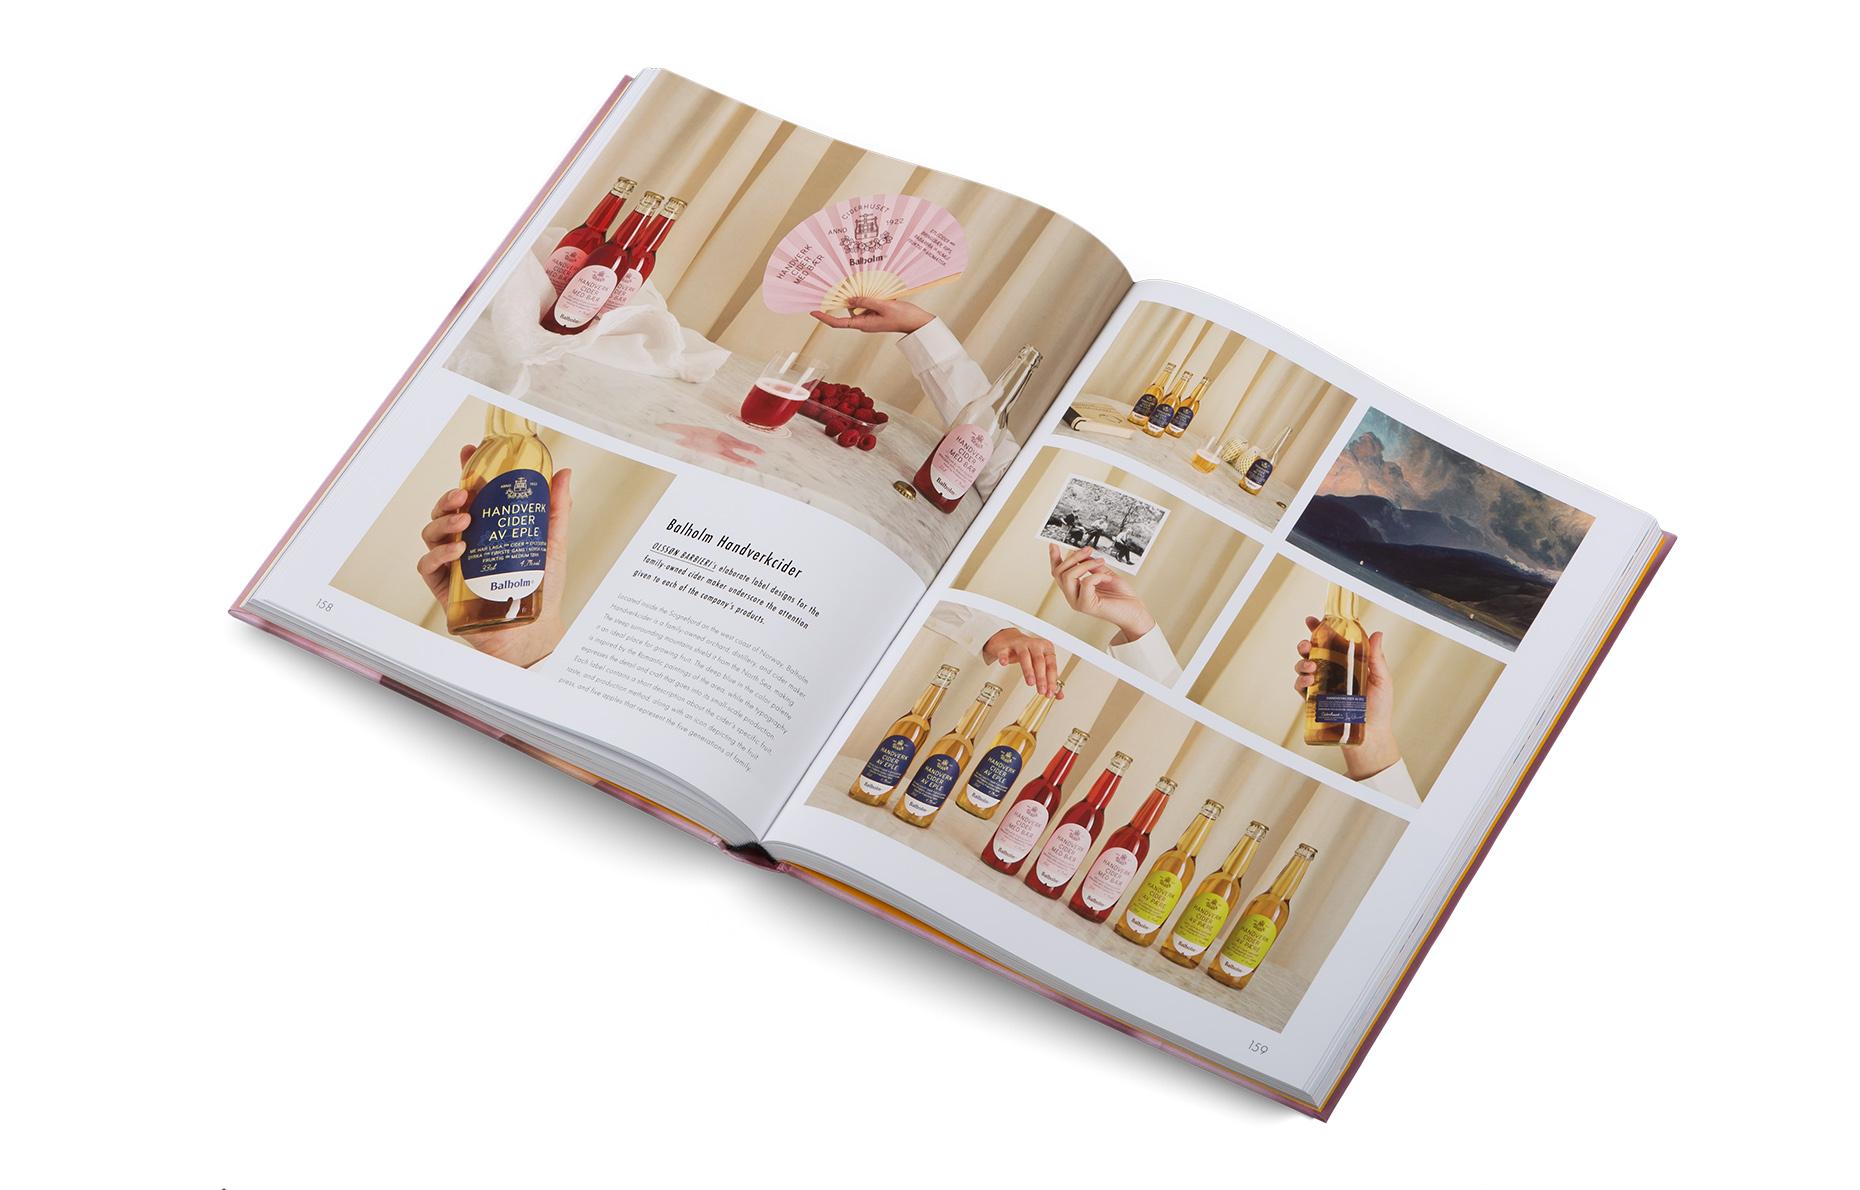 Upstart_graphicdesign_branding_book_logo_gestalten_inside1_2000xkopie.jpg